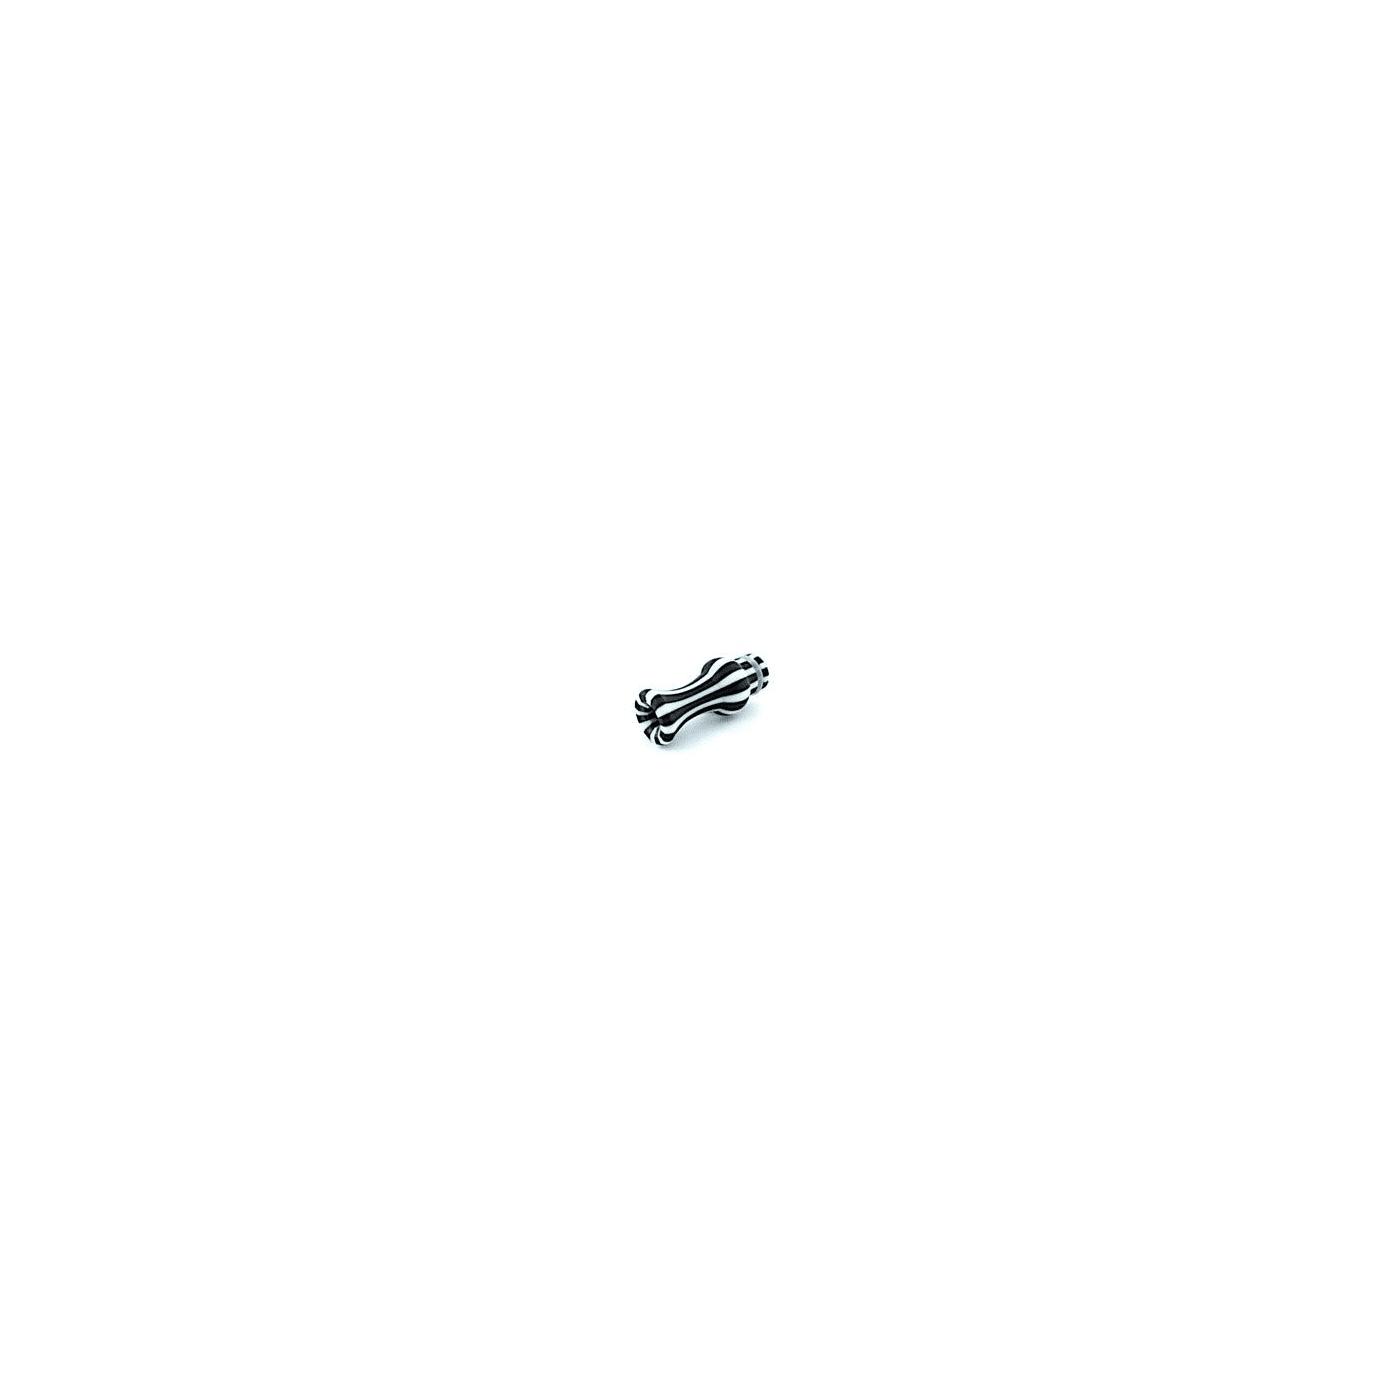 Zing 510 Drip Tip - Zebra Action